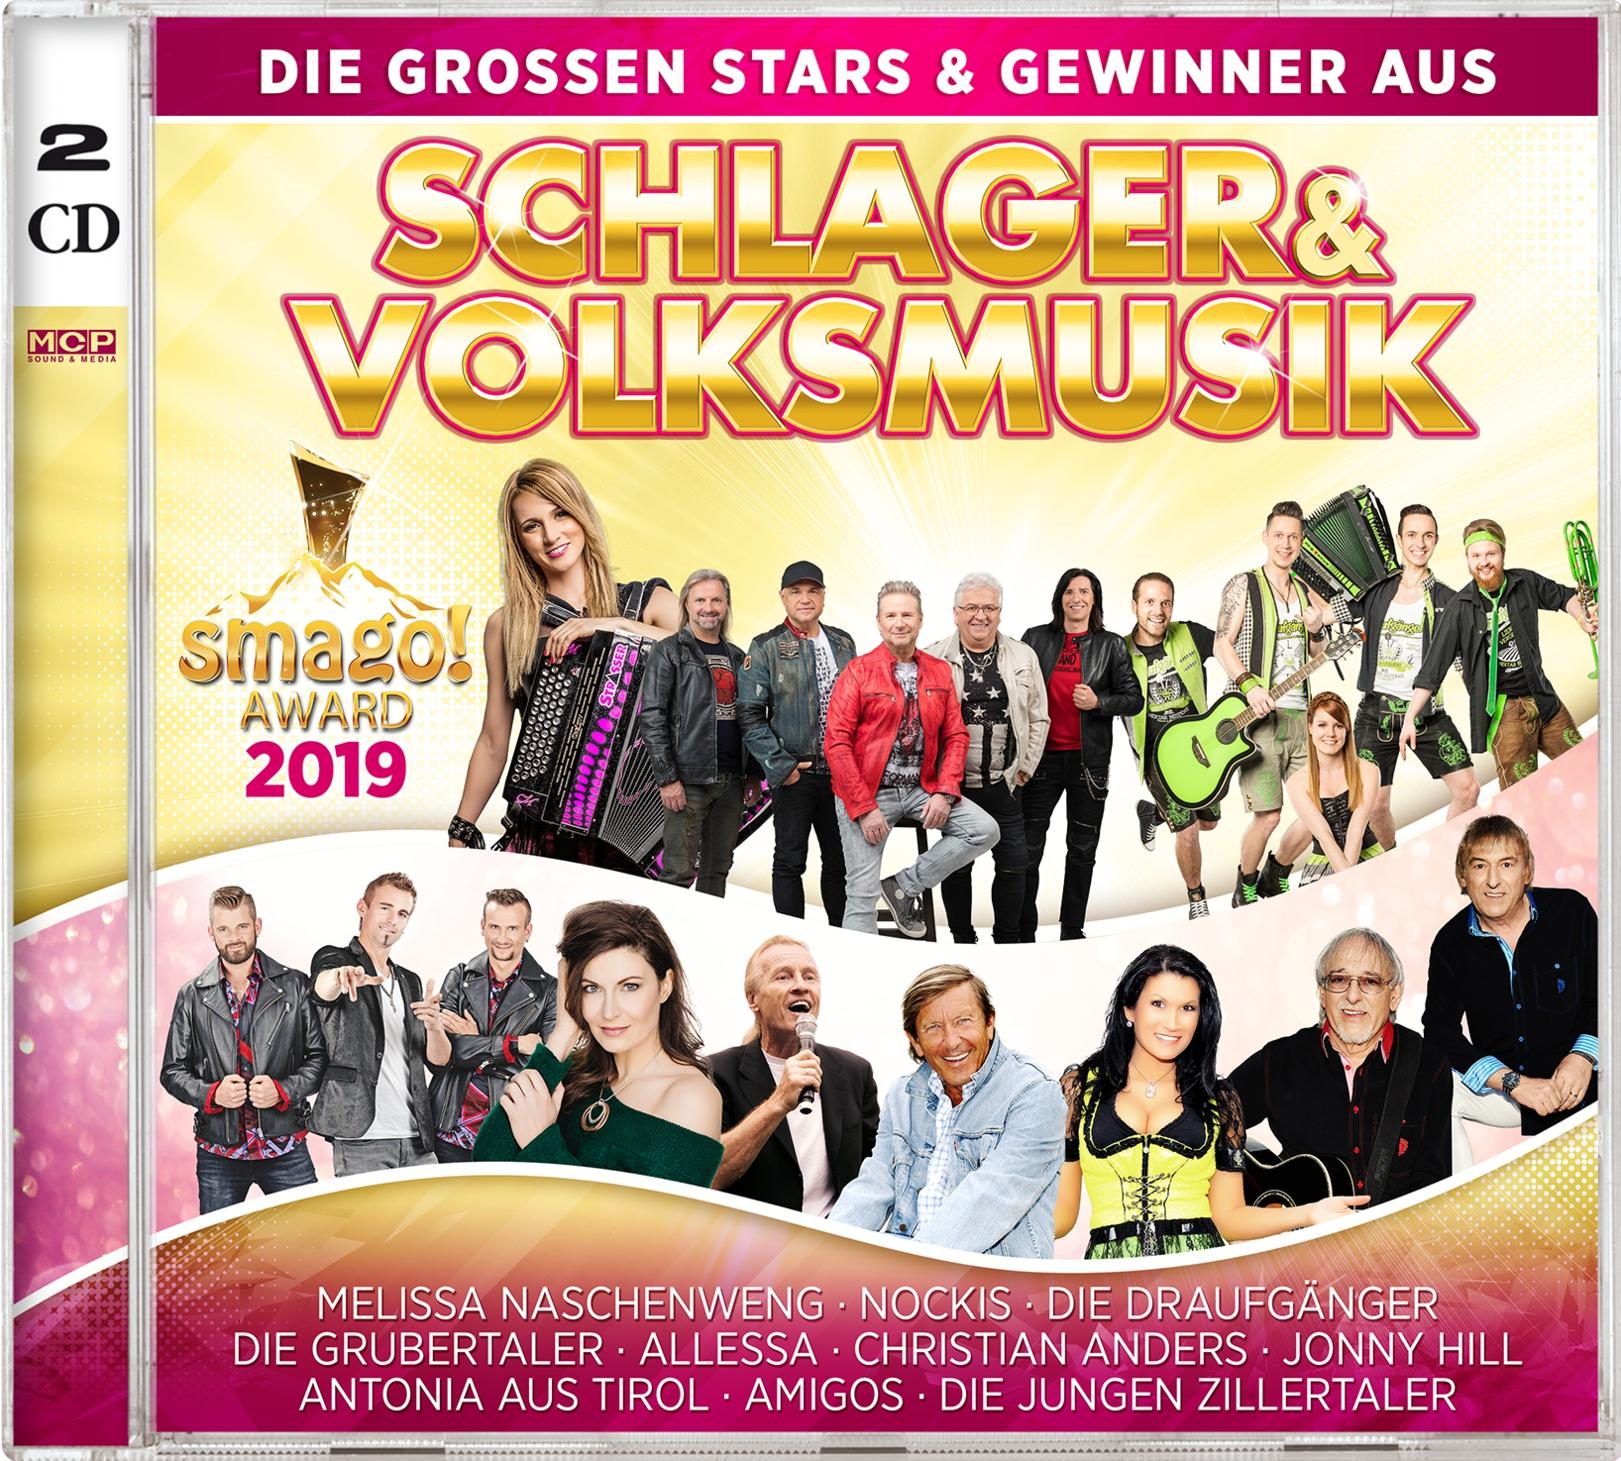 Die Stars & Gewinner aus Schlager & Volksmusik - smago! Award 2019 (Doppel-CD)